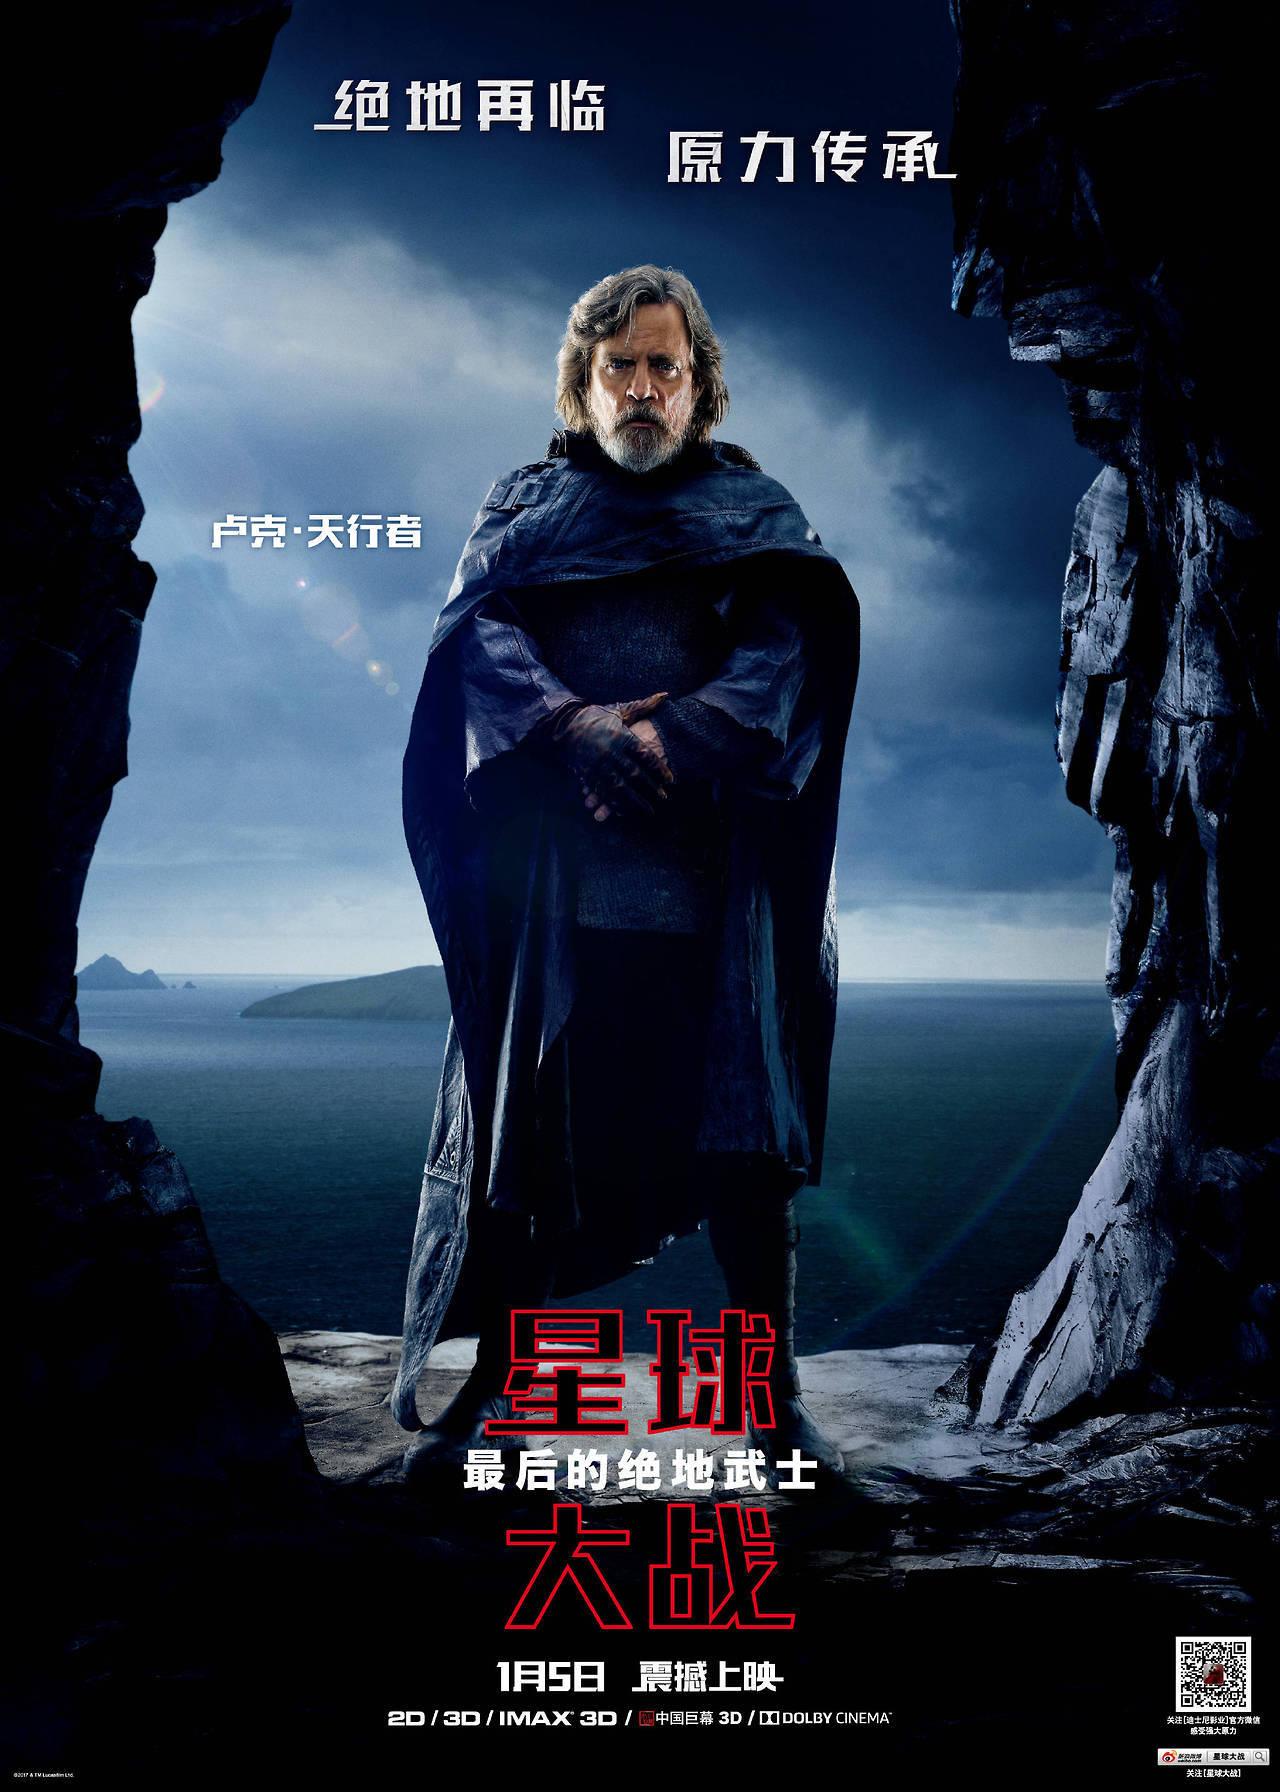 new character poster of luke skywalker